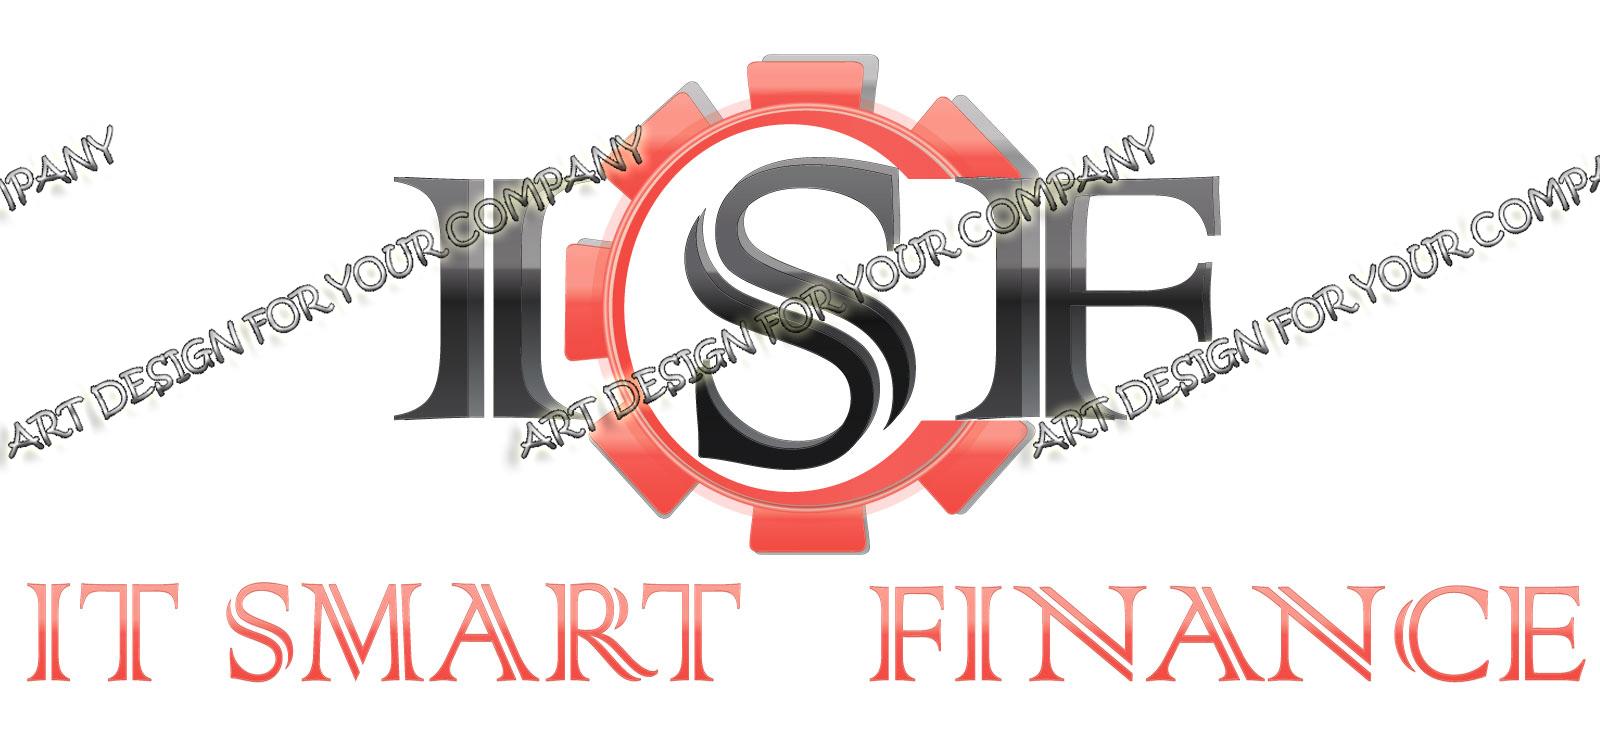 Разработка логотипа фото f_7955a2a6be87c341.jpg